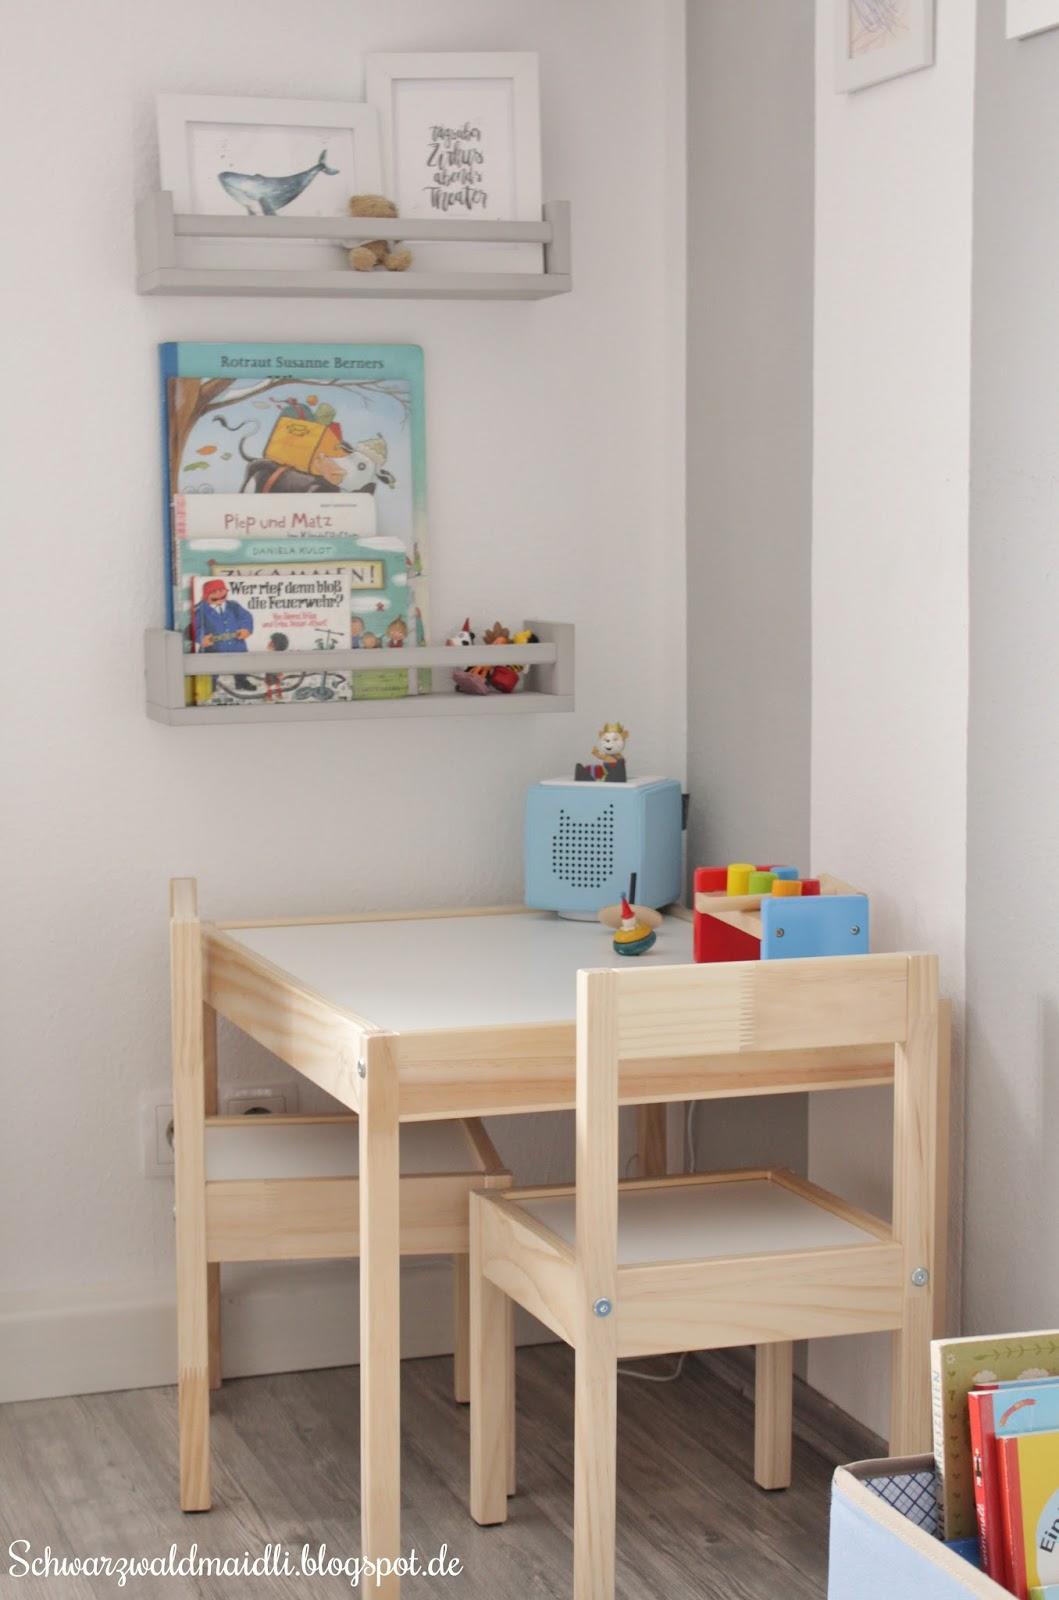 Der Große Sessel Kam Wieder Ins Wohnzimmer Und Ein Kleiner Tisch Mit  Stühlen Durfte Einziehen. Dort Sitzt Der Kleine Mann Nun Meistens Mit Einem  Buch Oder ...